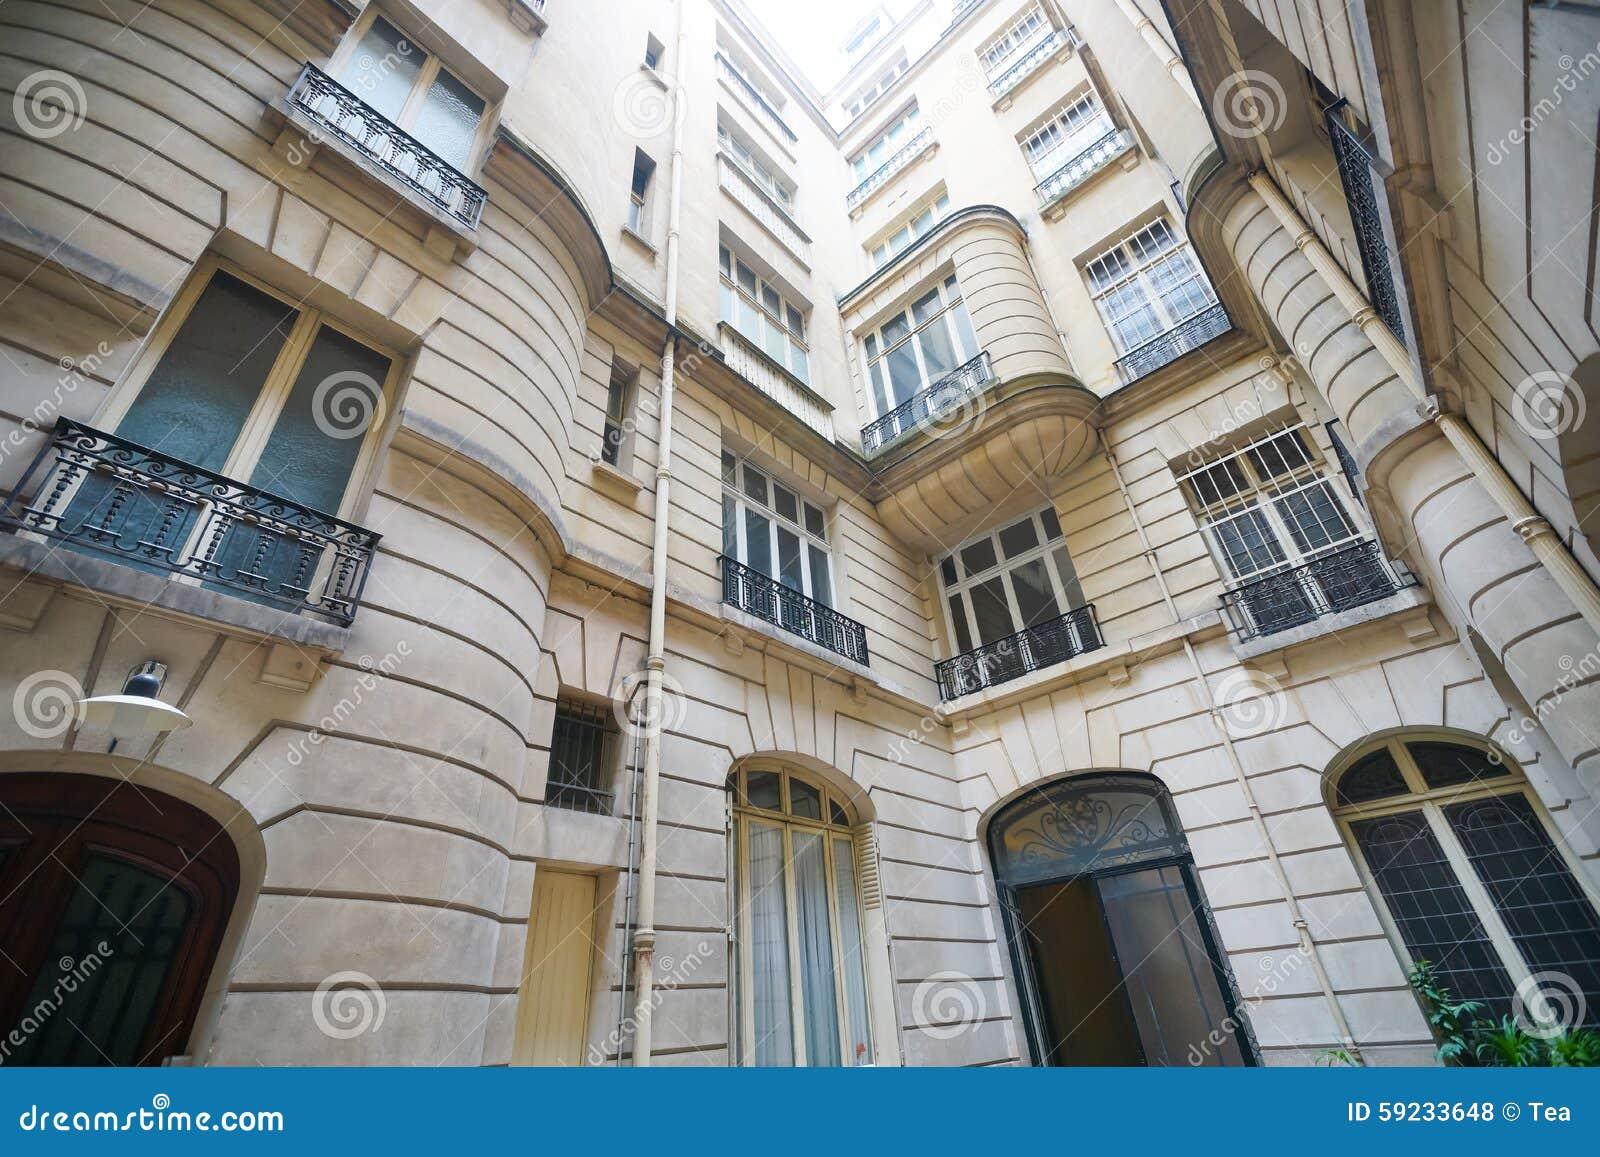 Download Calles de París foto de archivo editorial. Imagen de verano - 59233648